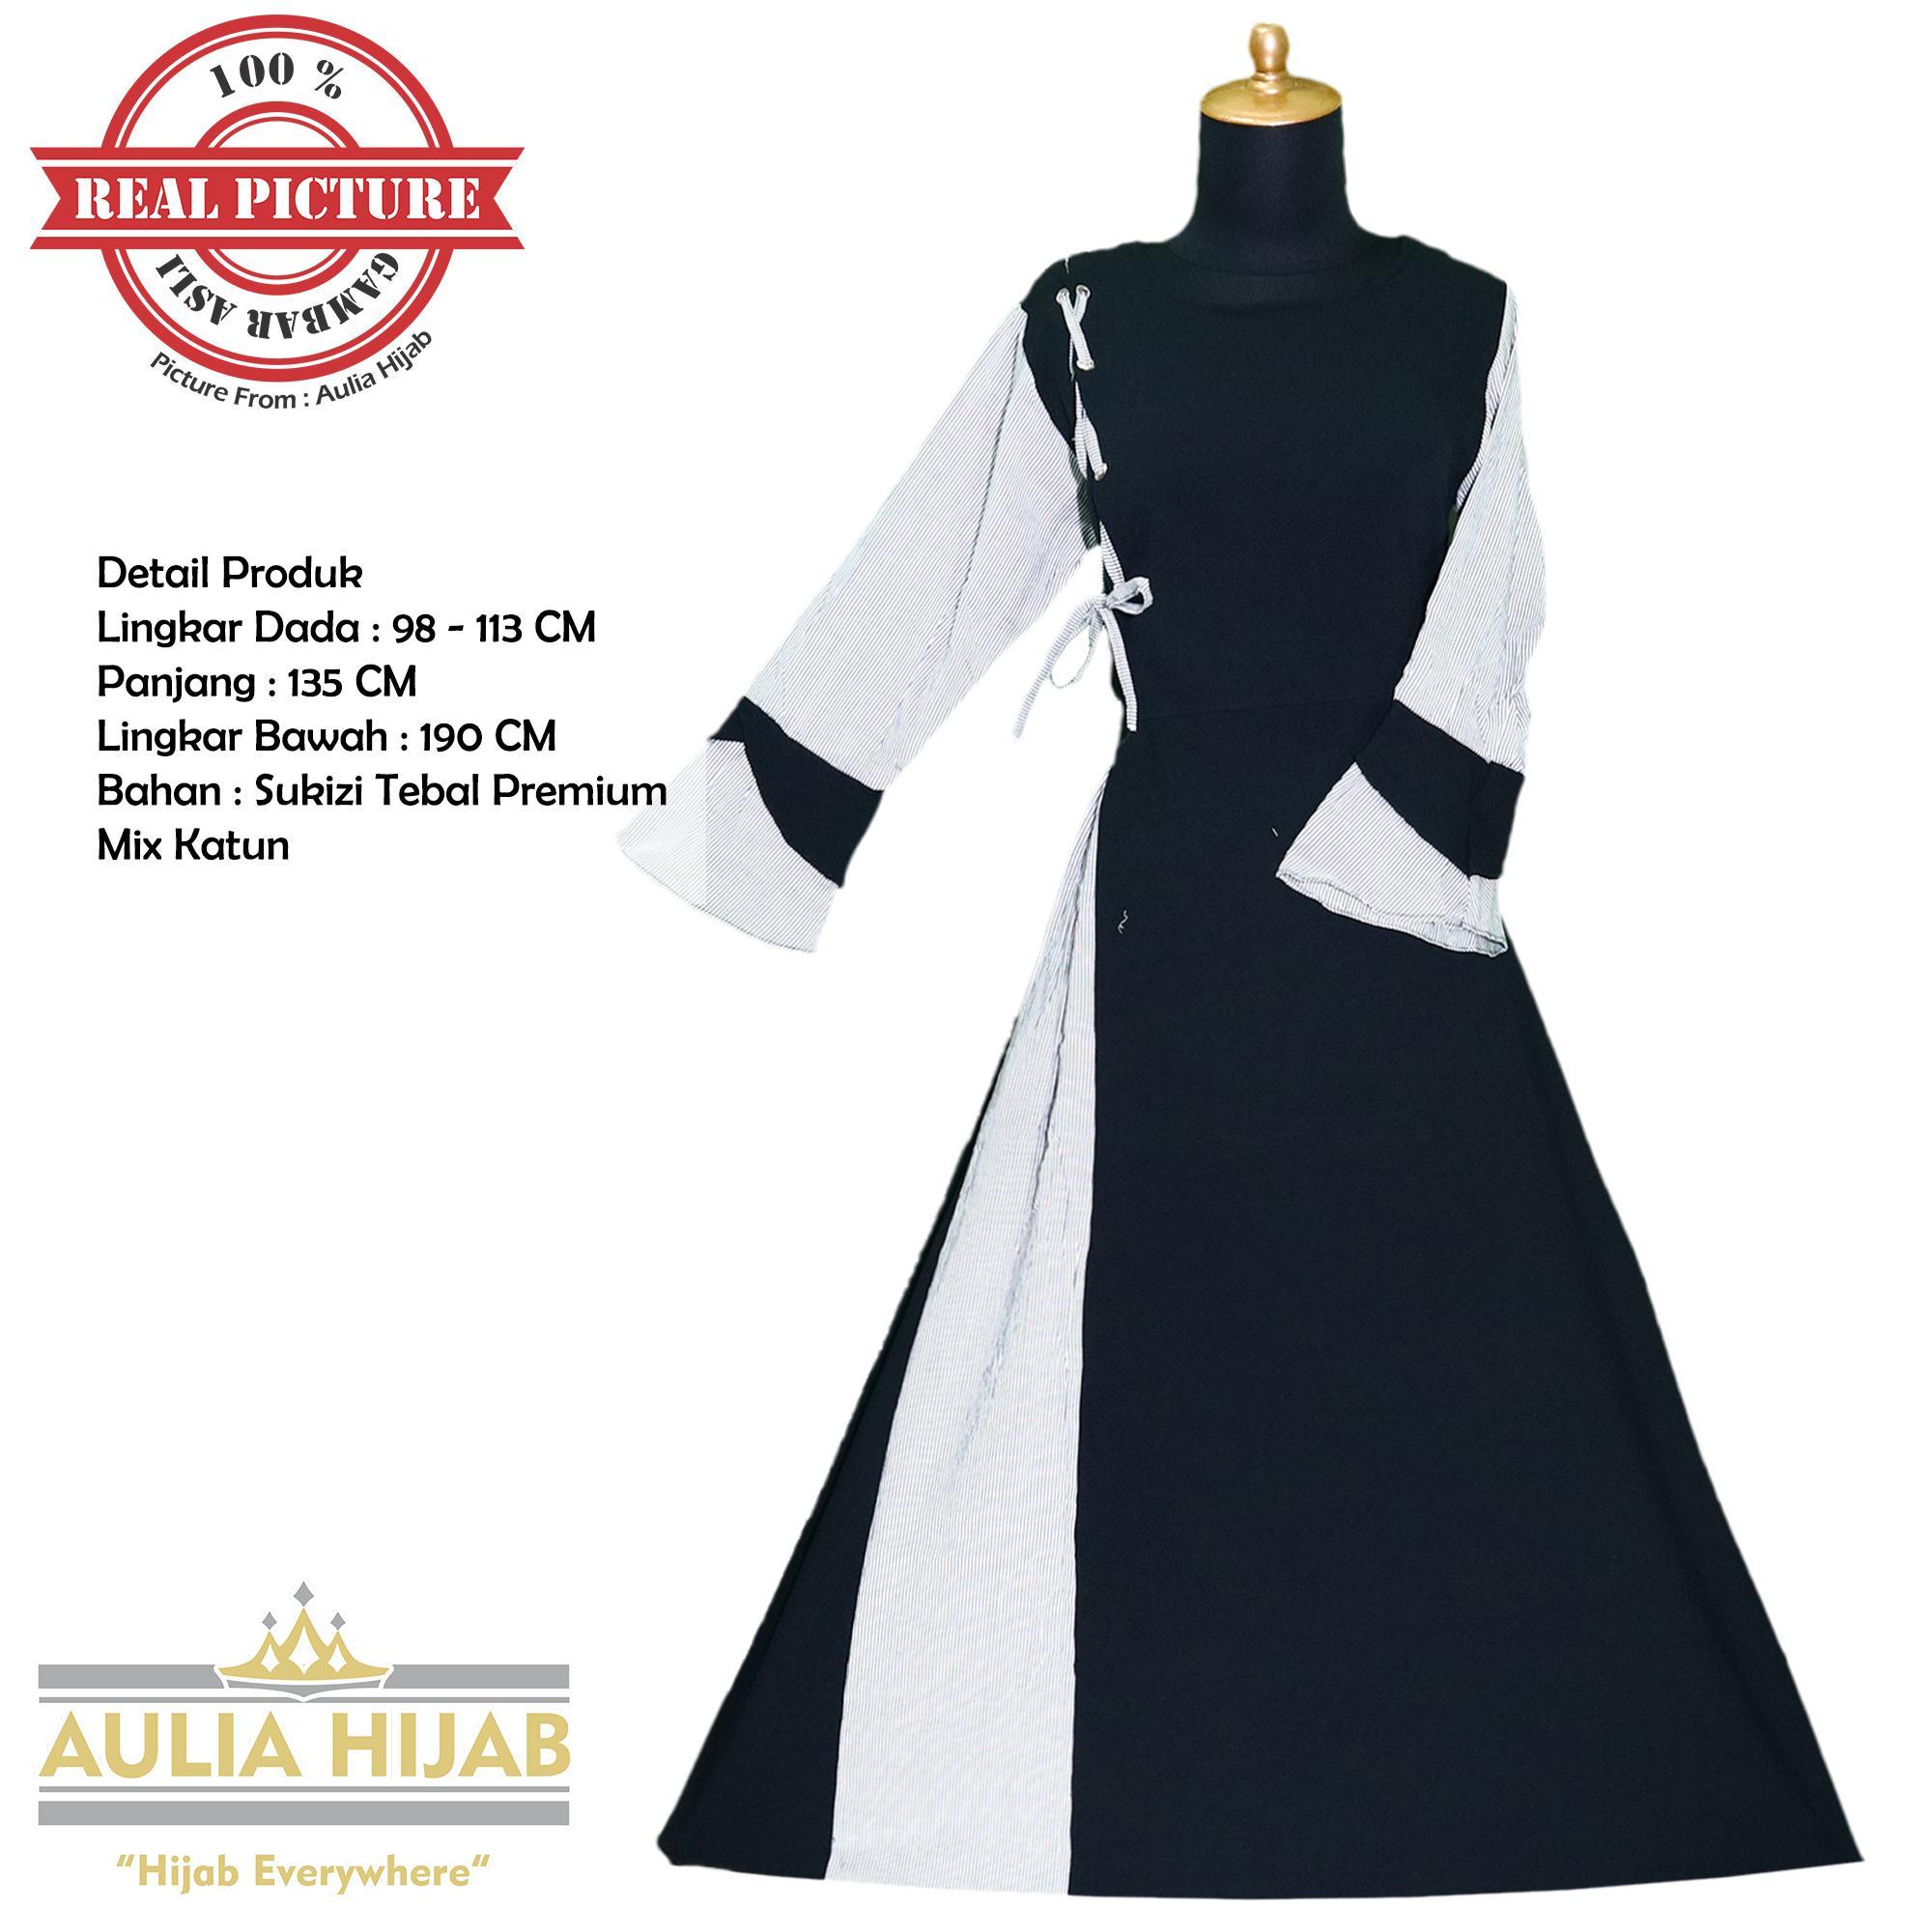 Aulia Hijab - Gamis Annie Dress Bahan Sukizi Premium/Gamis Sukizi/Gamis Premium/Gamis Santai/Gamis Kerja/Gamis Terbaru/Gamis Real Picture/Gamis Bahan Sukizi/Gamis Lebaran/Gamis Kondangan/Gamis Cantik